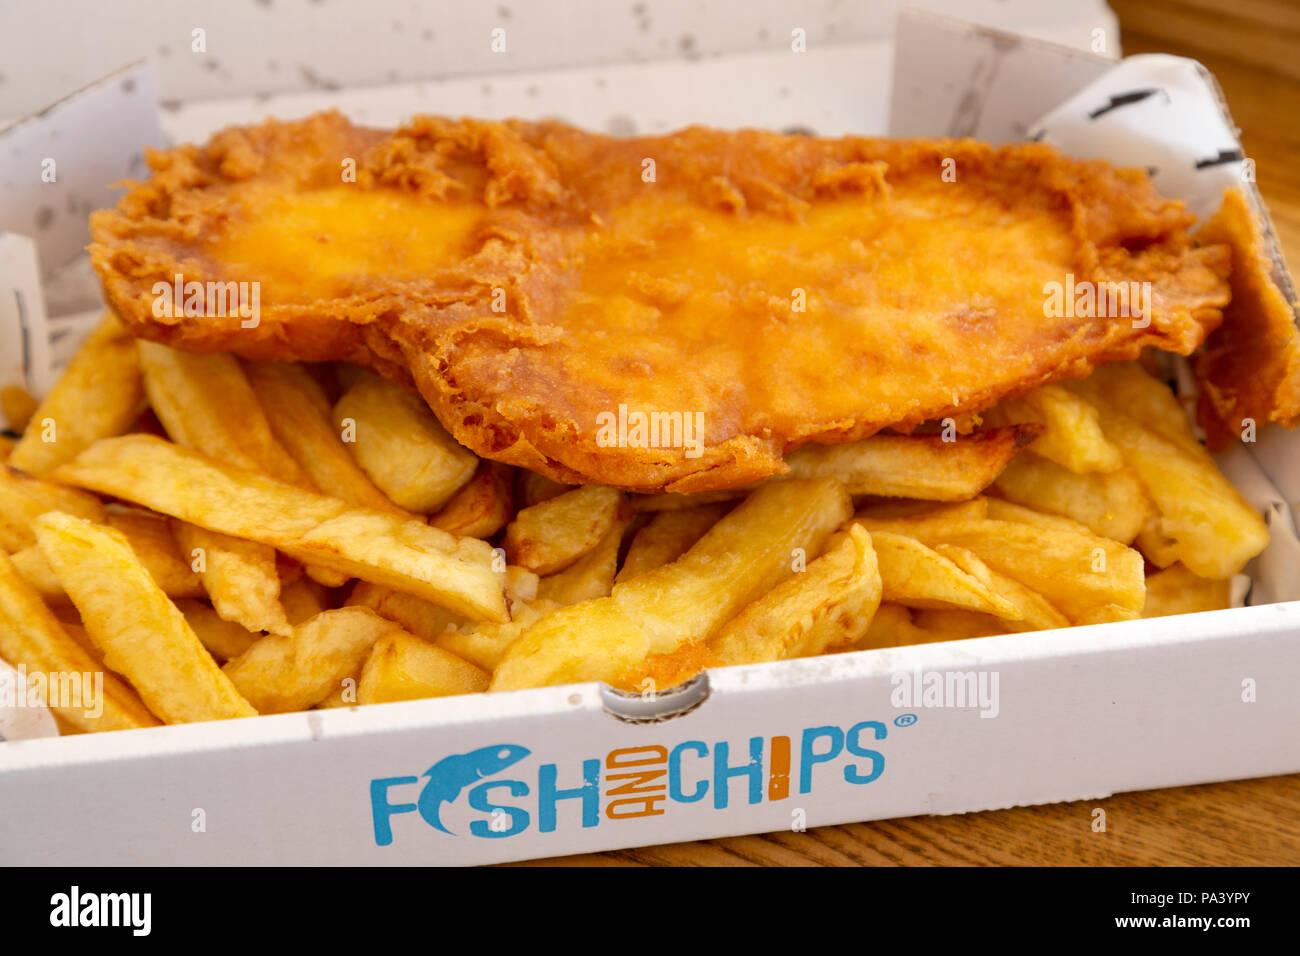 Pesce e Patatine serviti a Tynemouth in Inghilterra. Il piatto è un tradizionale pasto britannico. Immagini Stock